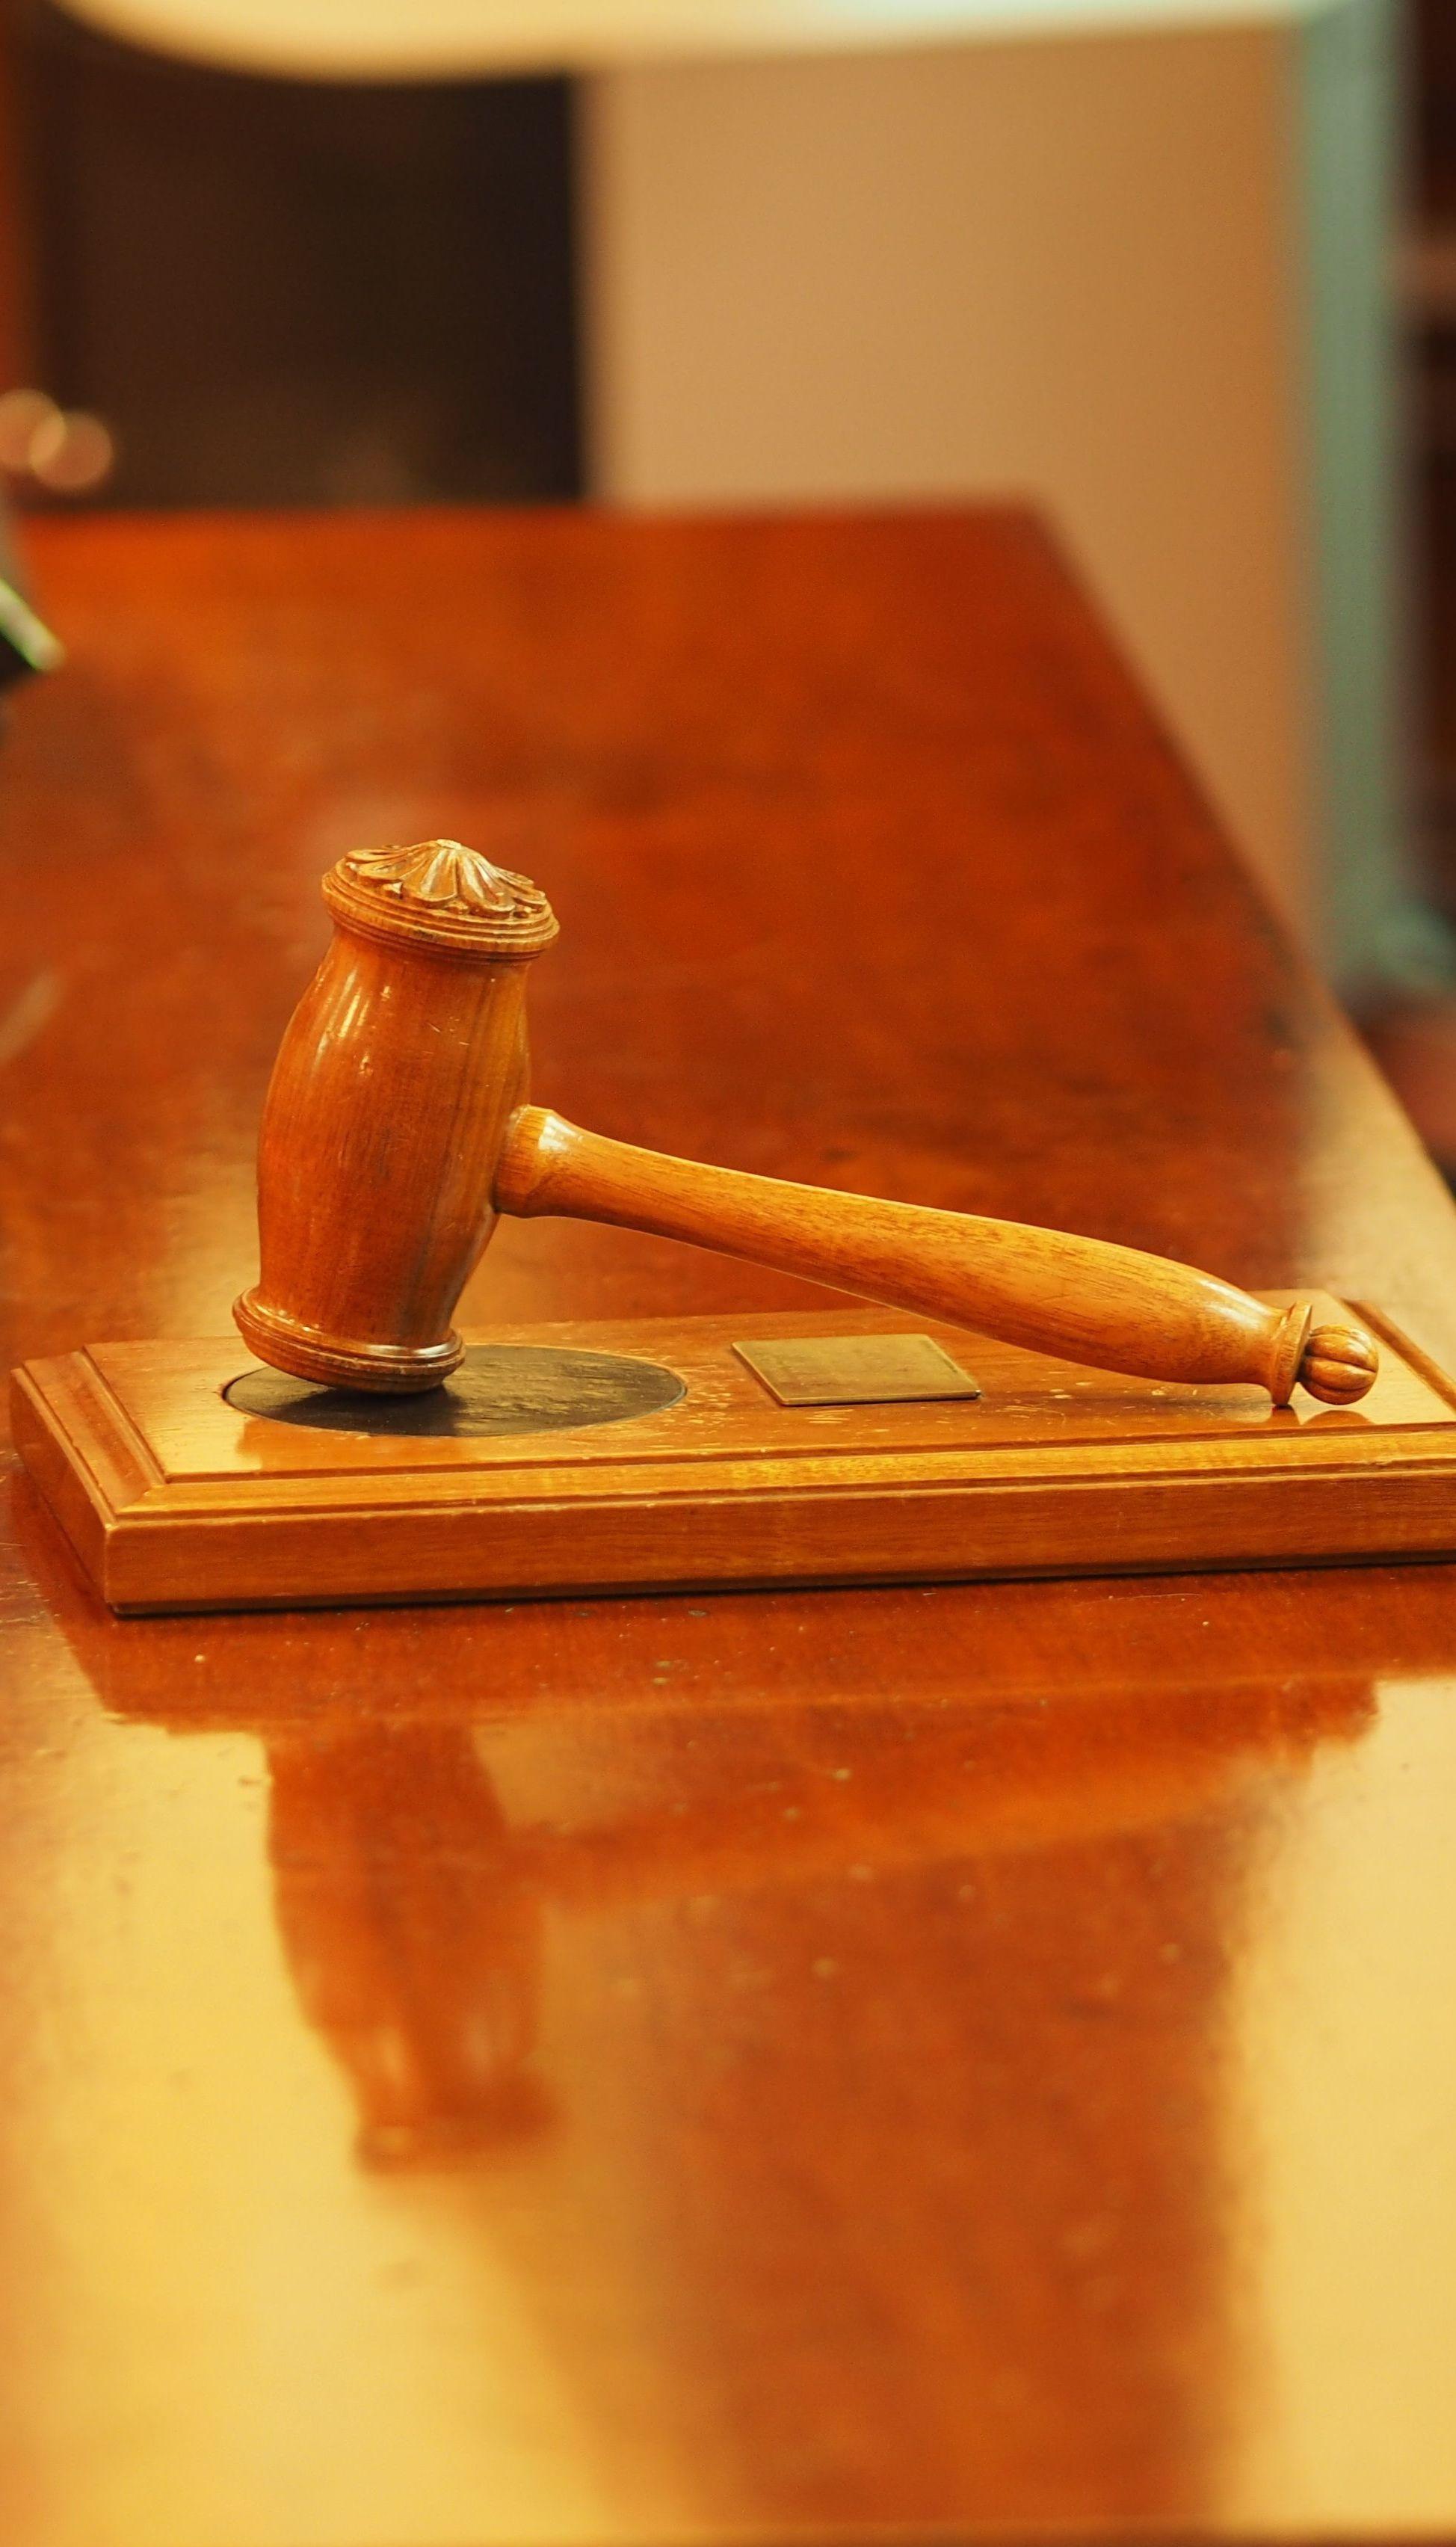 В Італії почався масштабний суд над мафією: на лаві підсудних понад 350 осіб